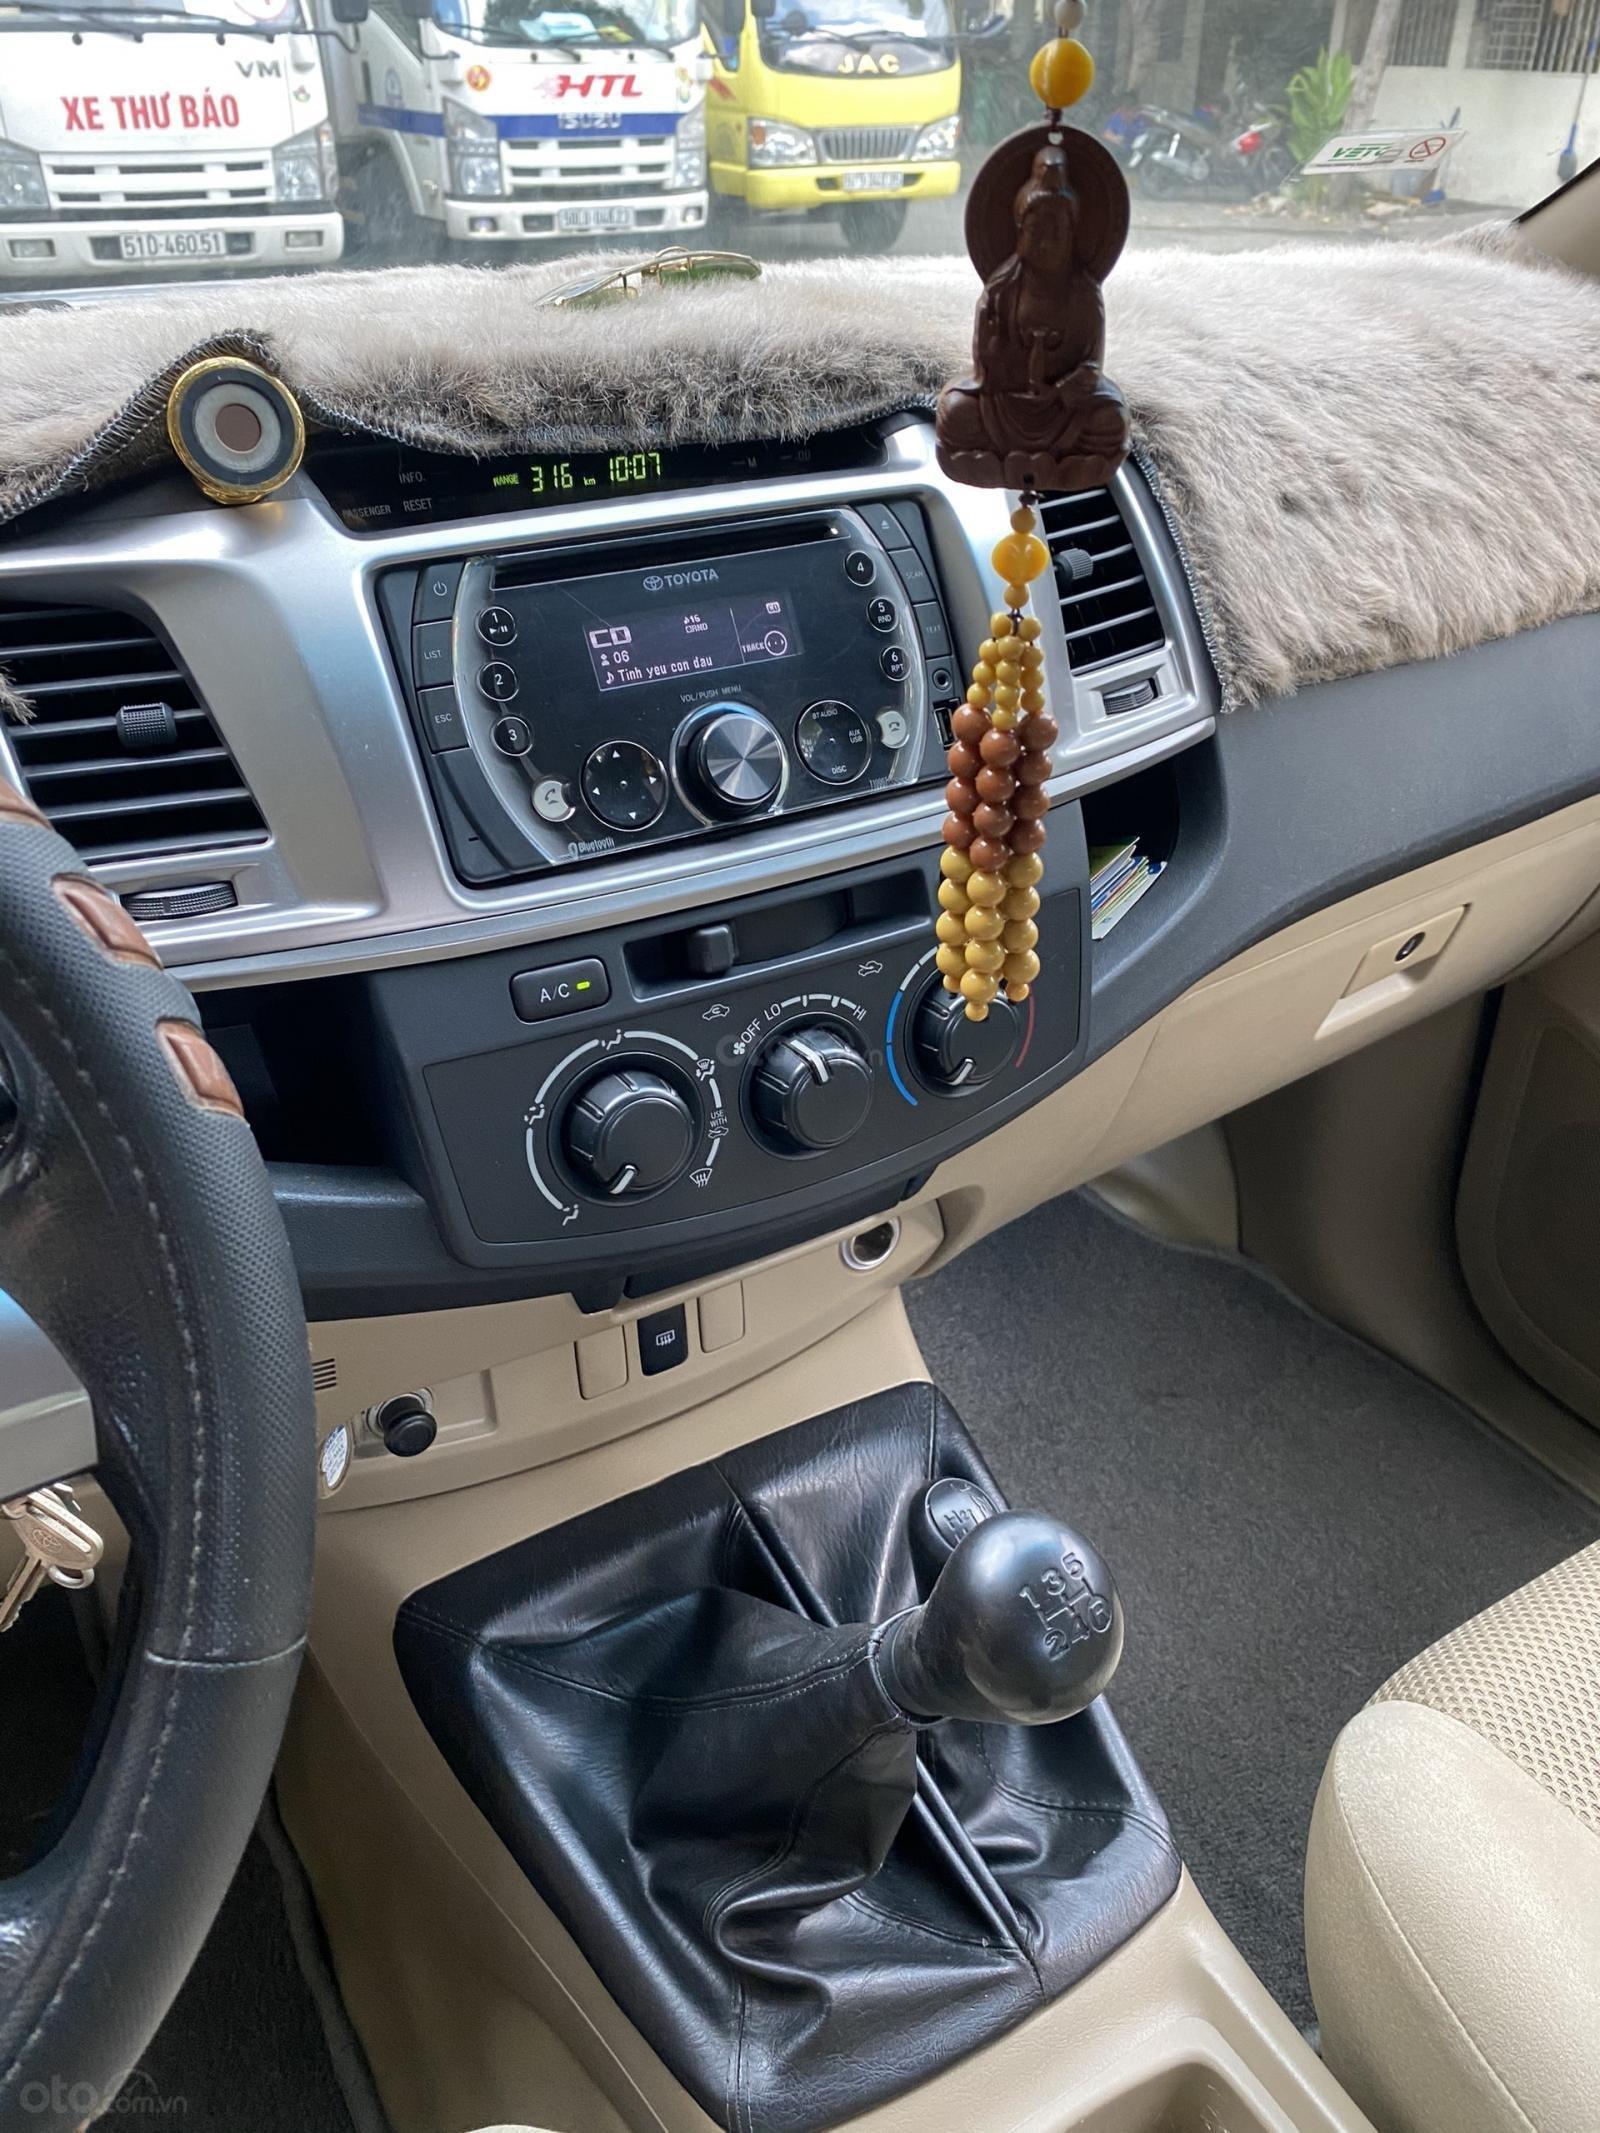 Bán Toyota Hilux 4x4 đời 2014, màu bạc còn rất mới giá chỉ 430 triệu (6)